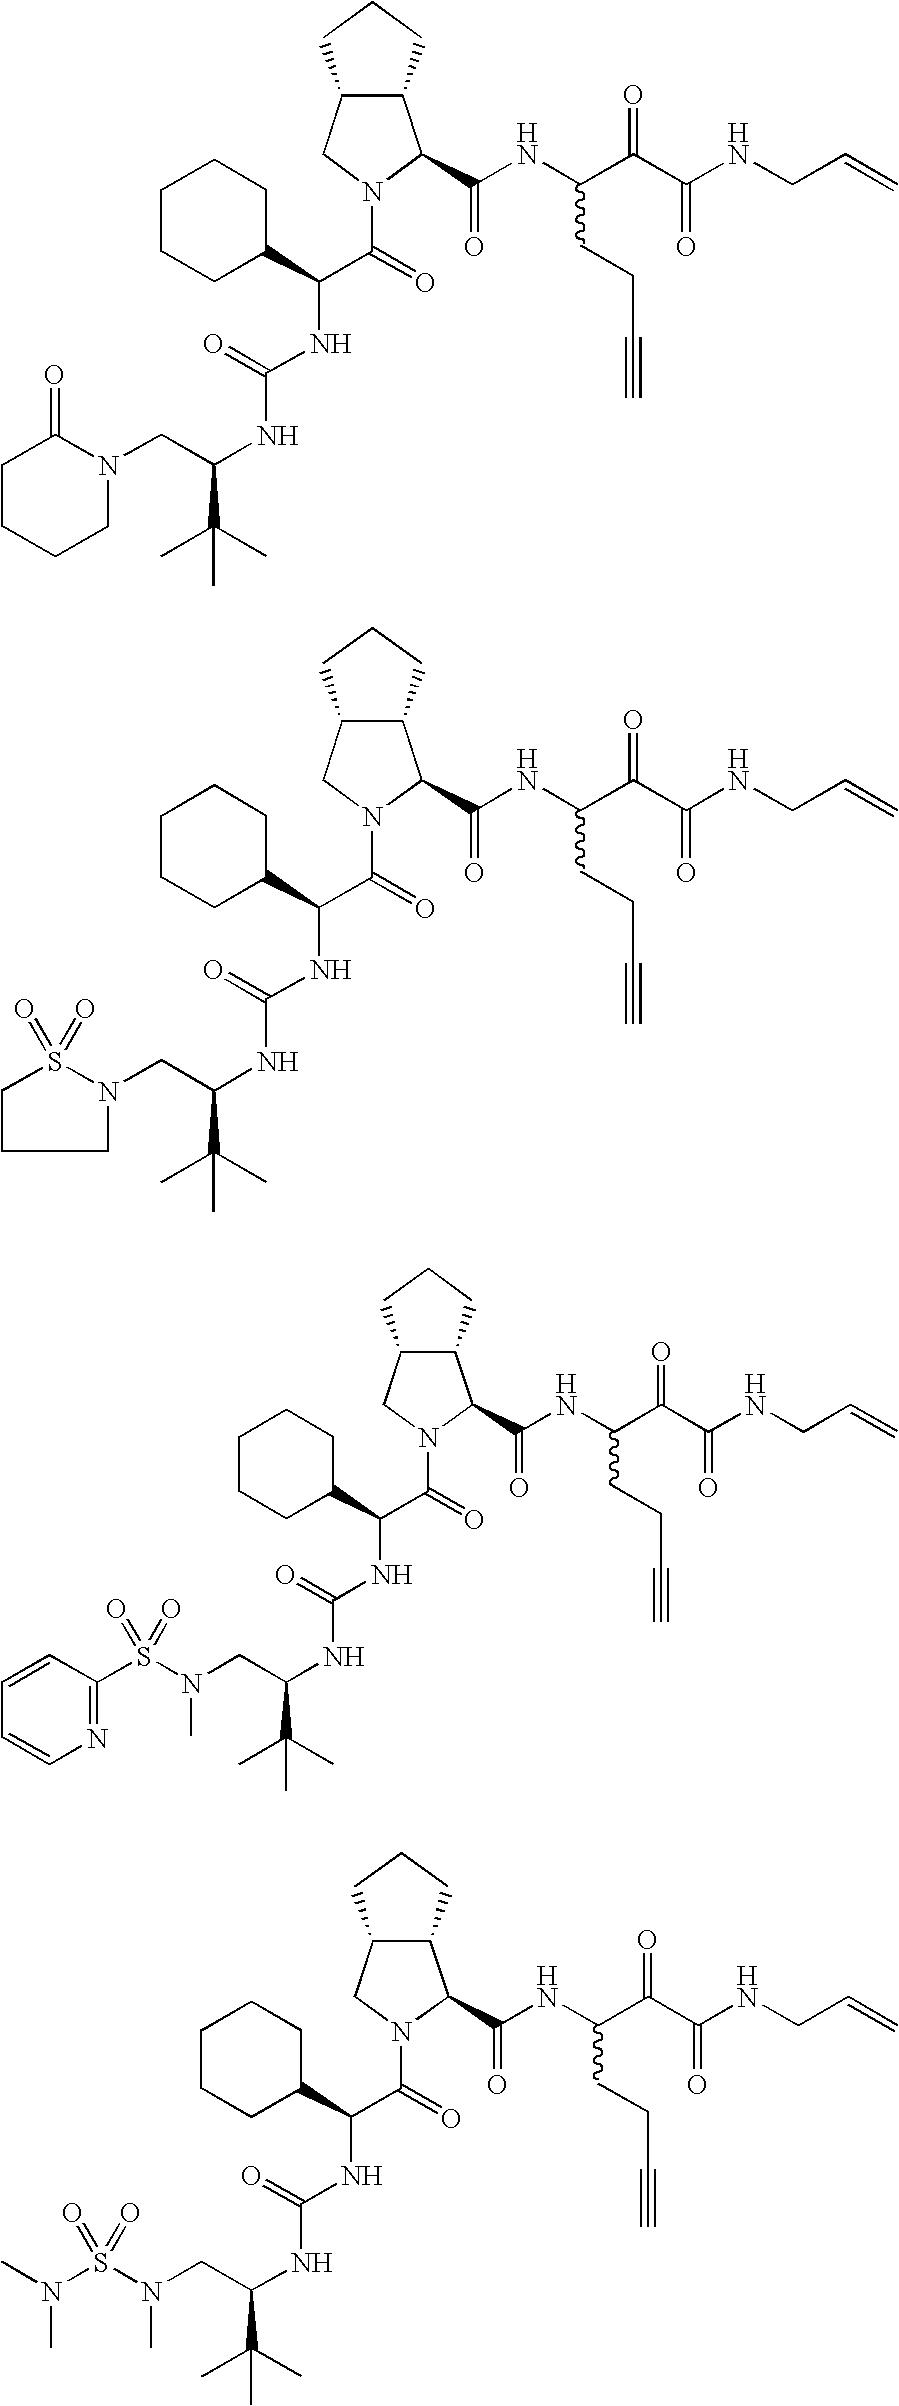 Figure US20060287248A1-20061221-C00544